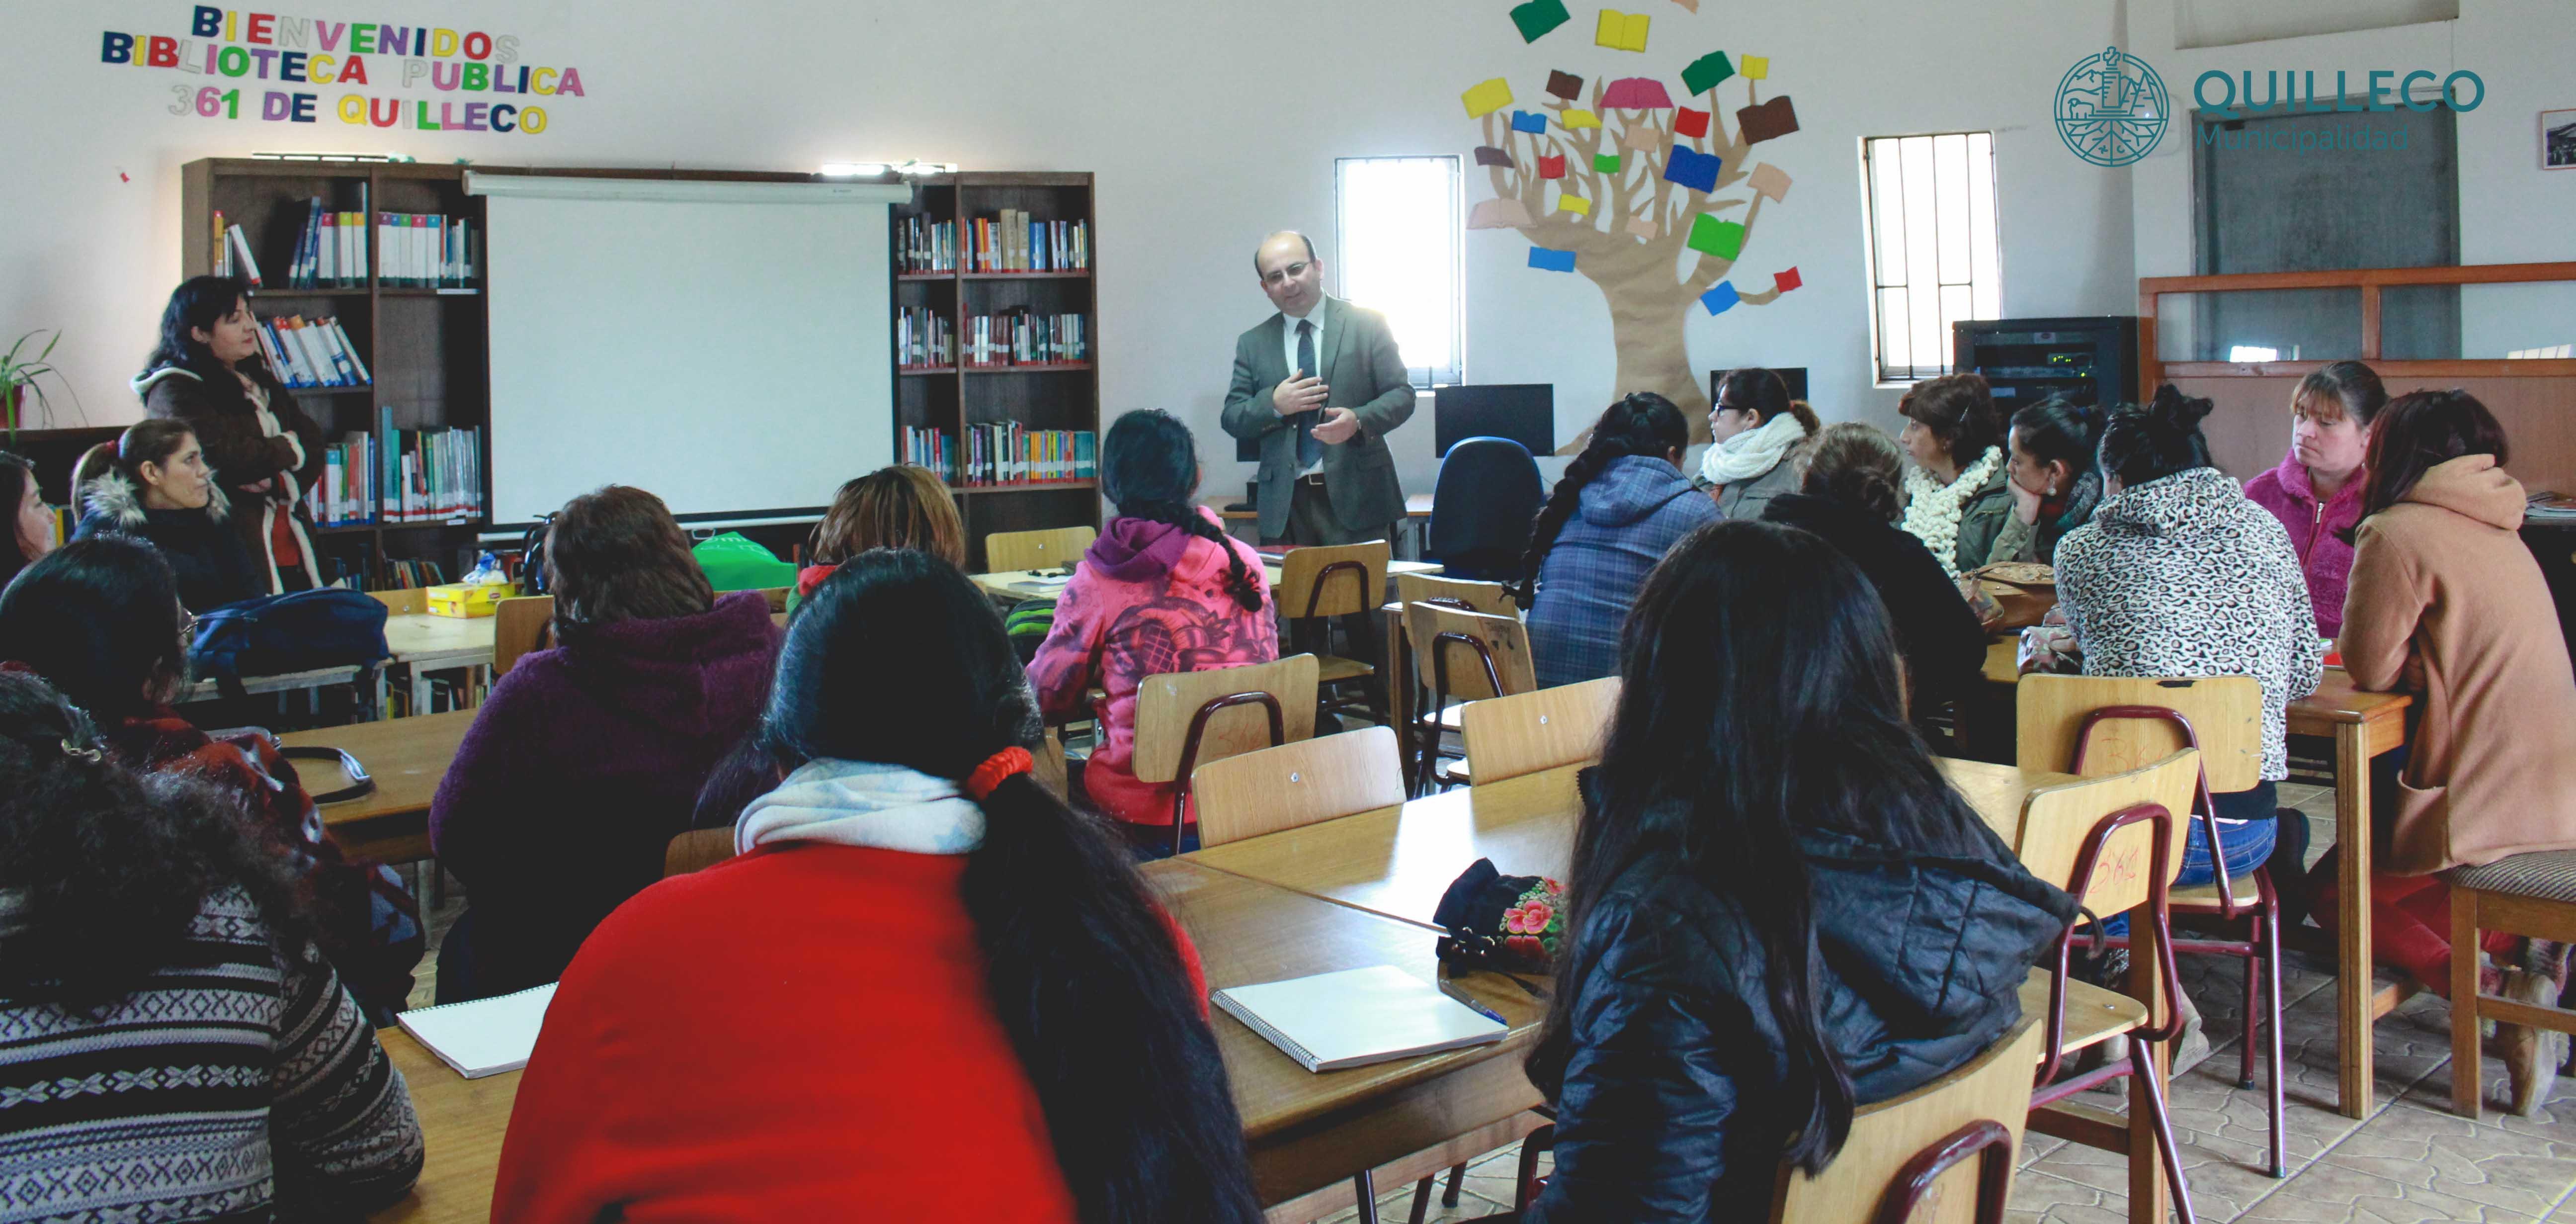 PROFOCAP inició actividades en la Comuna de Quilleco